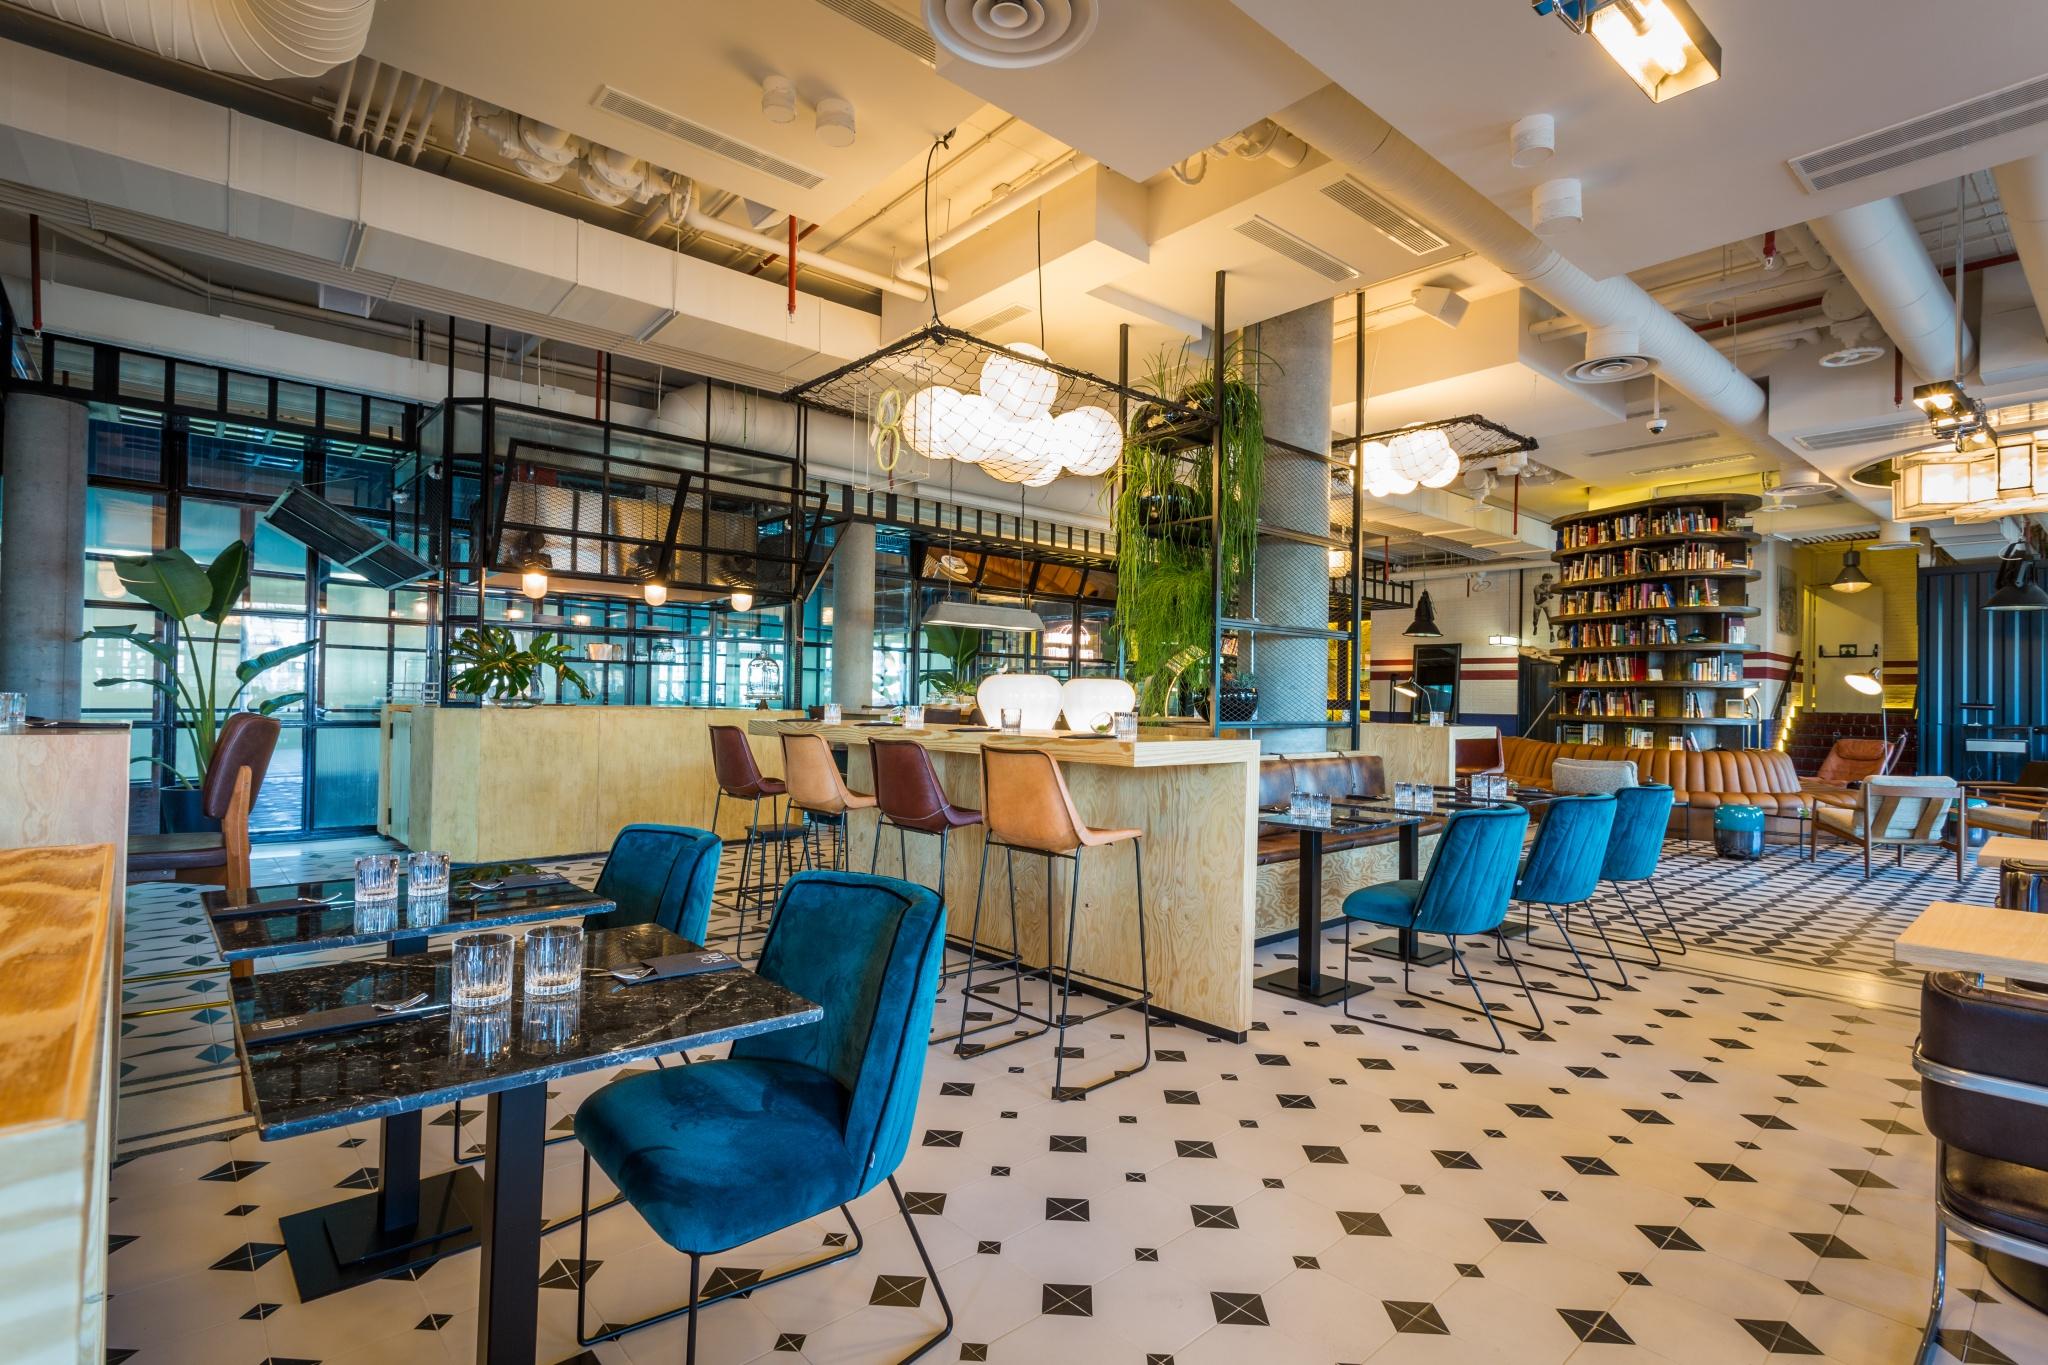 Cocina mestiza en restaurante trotamundos only you hotel - Hoteles con cocina en madrid ...